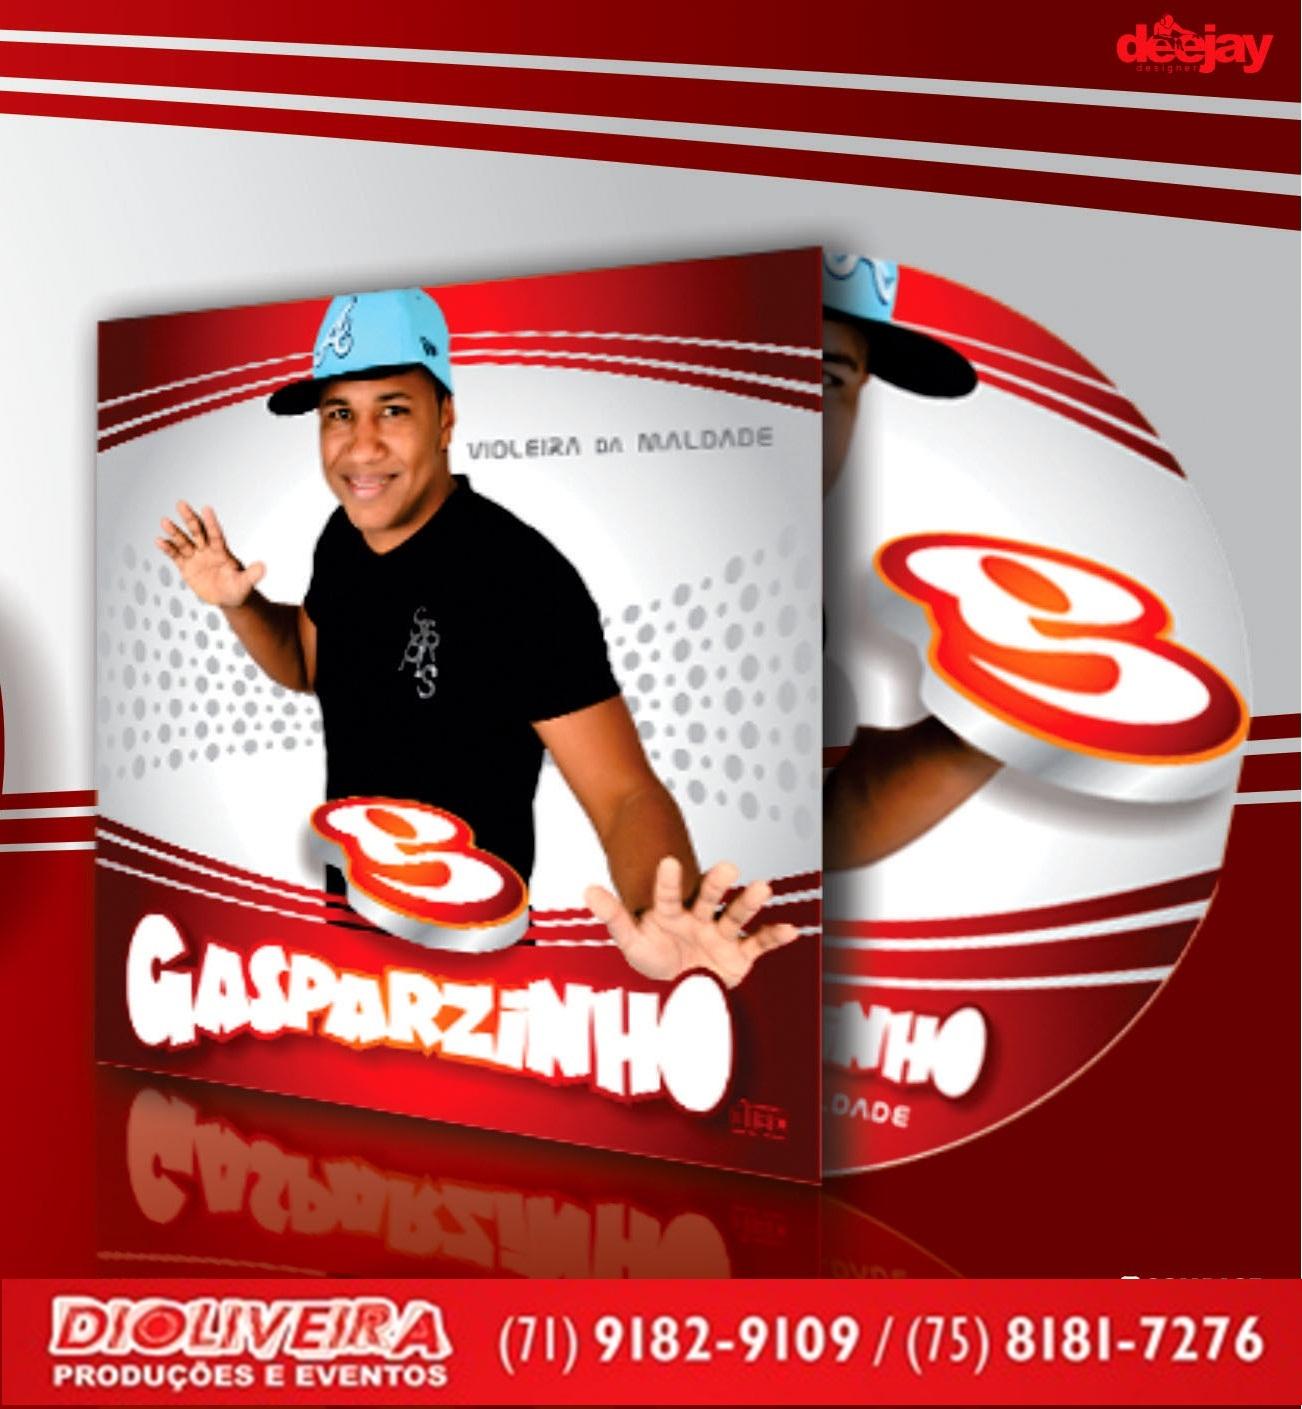 BAIXAR - GASPAZINHO -  AO VIVO EM PLANATO - BA - FEVEREIRO 2013